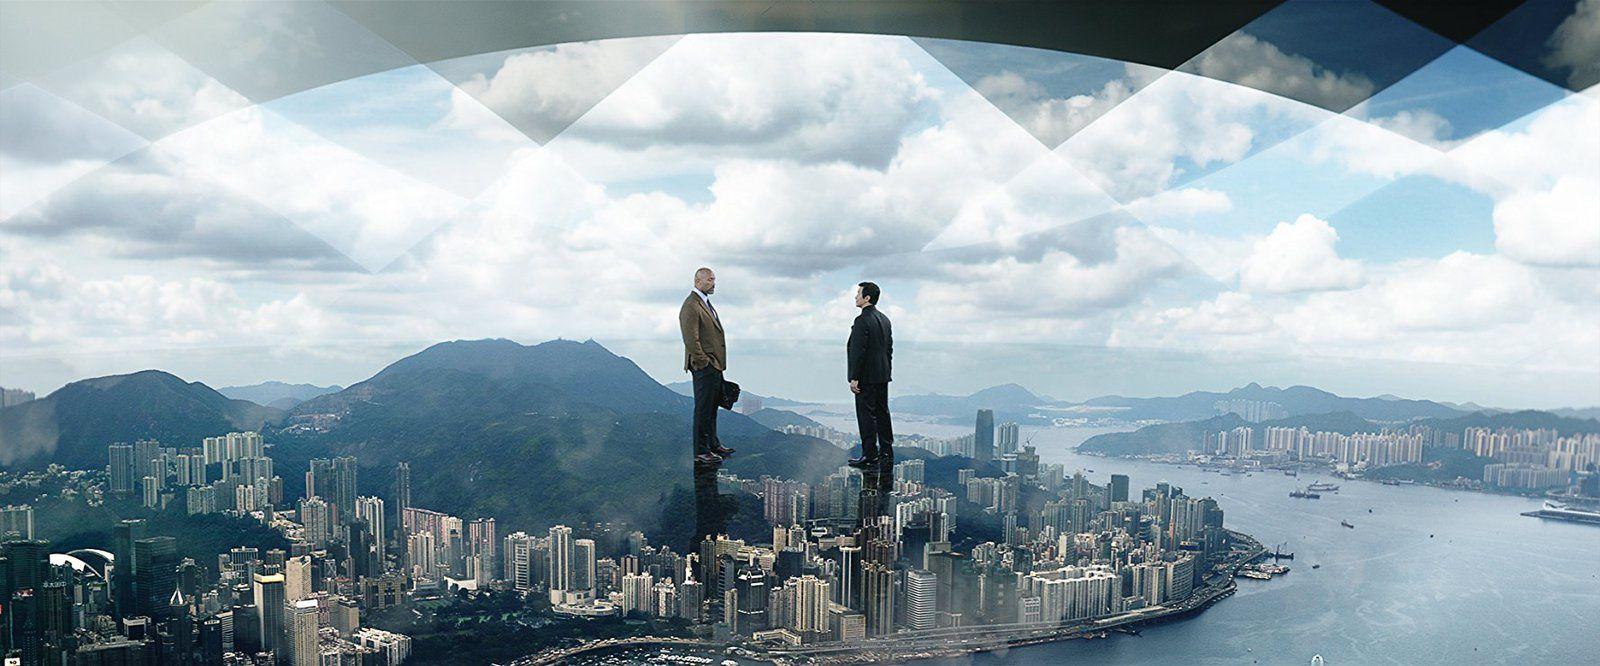 Skyscraper (BANDE-ANNONCE) avec Dwayne Johnson, Neve Campbell - Le 11 juillet 2018 au cinéma